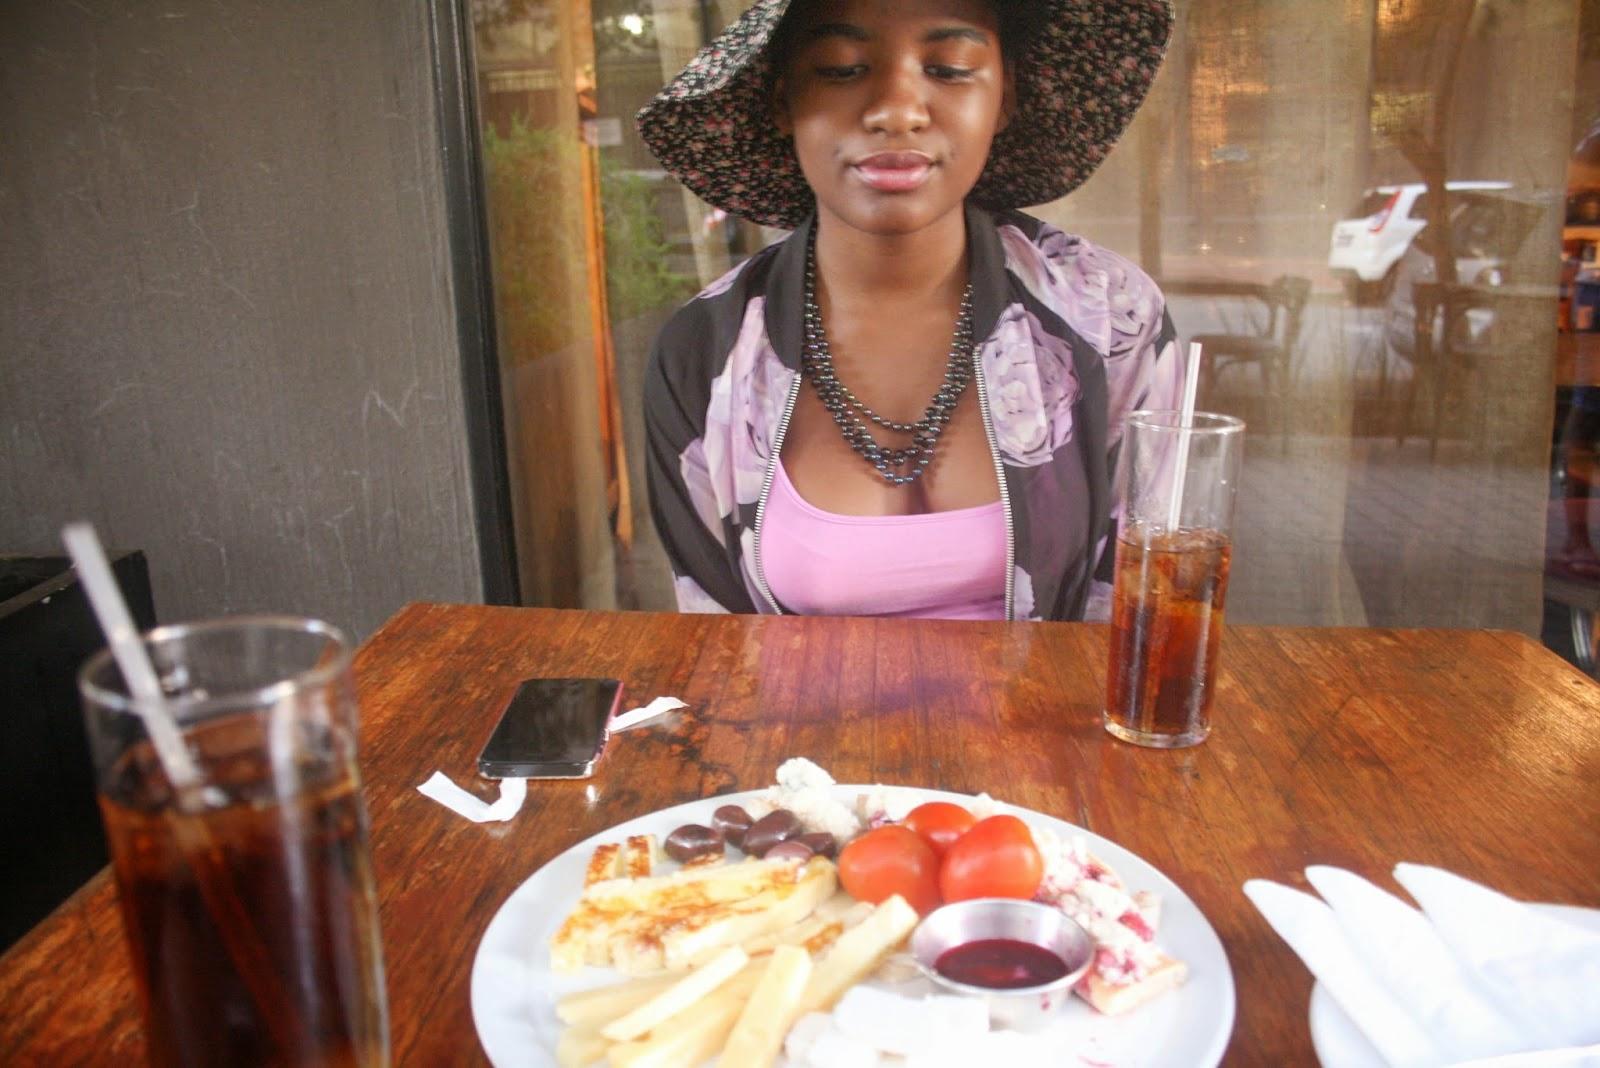 khensani having a cheeseboard and ice tea at pata pata maboneng